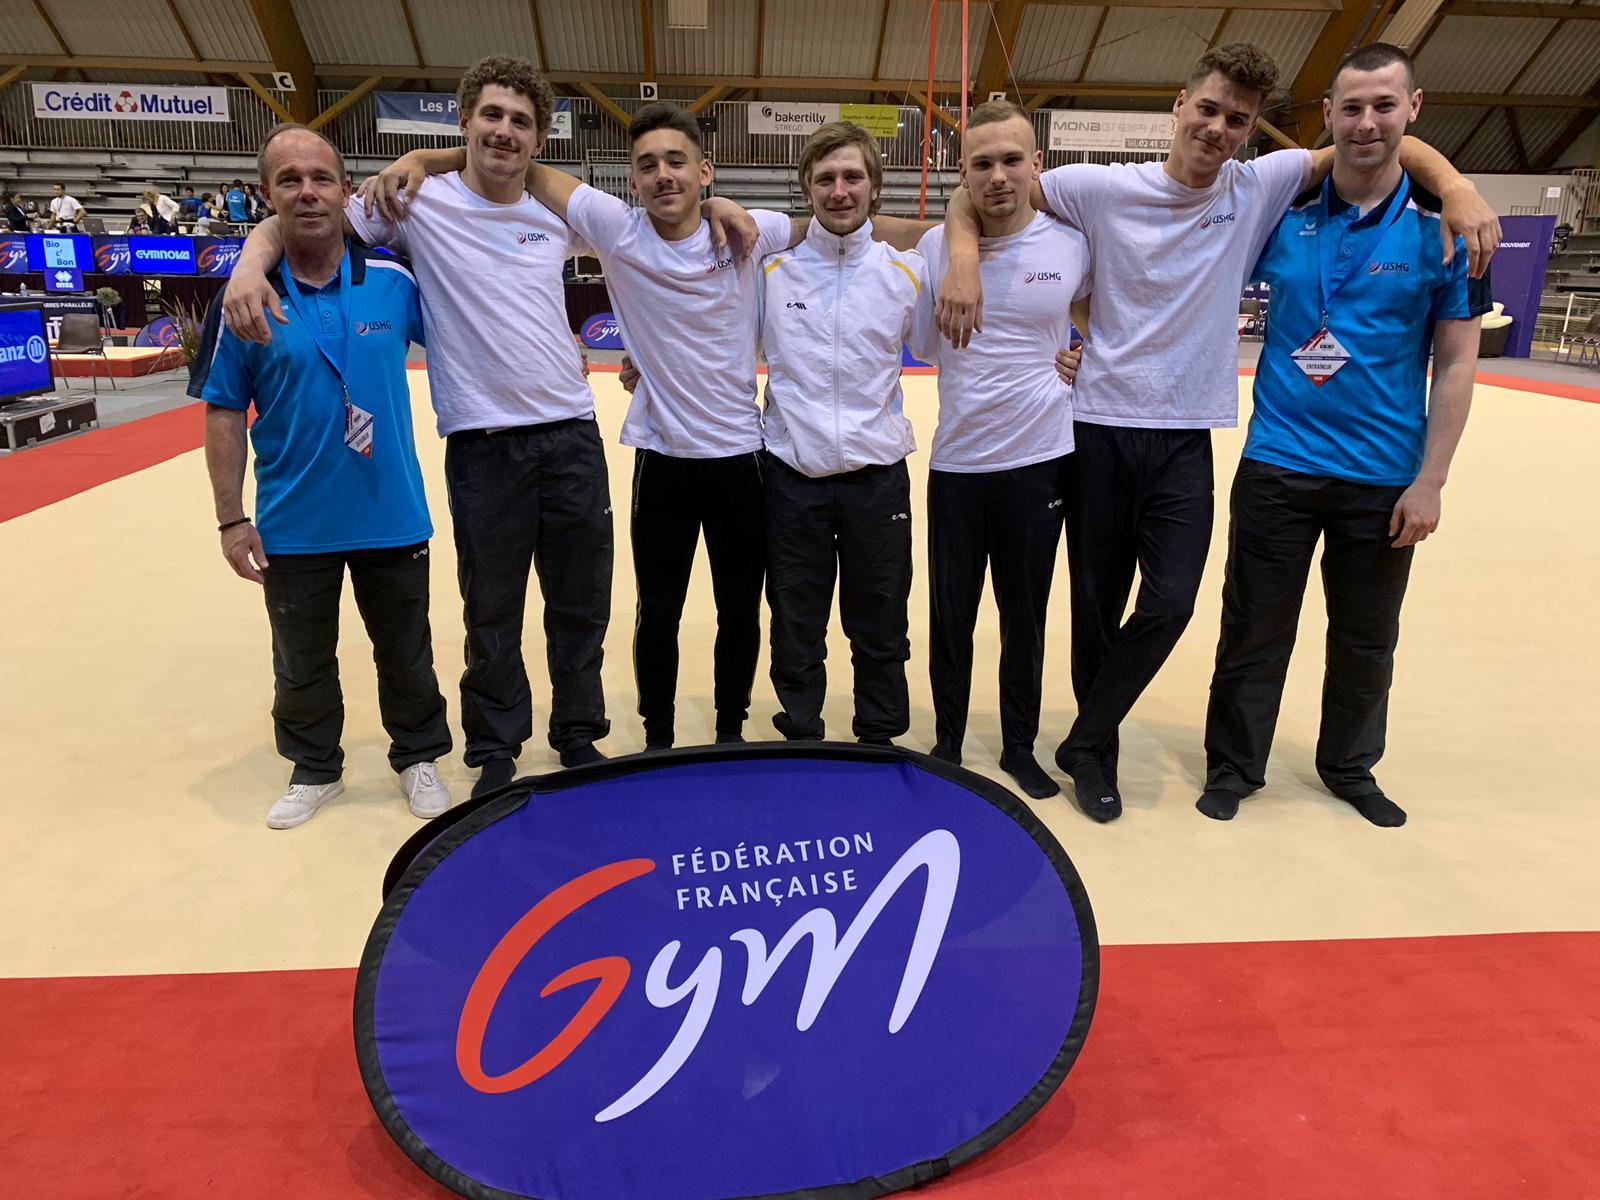 http://usmg-gymnastique.fr/wp-content/uploads/2019/08/ALZW3955.jpg